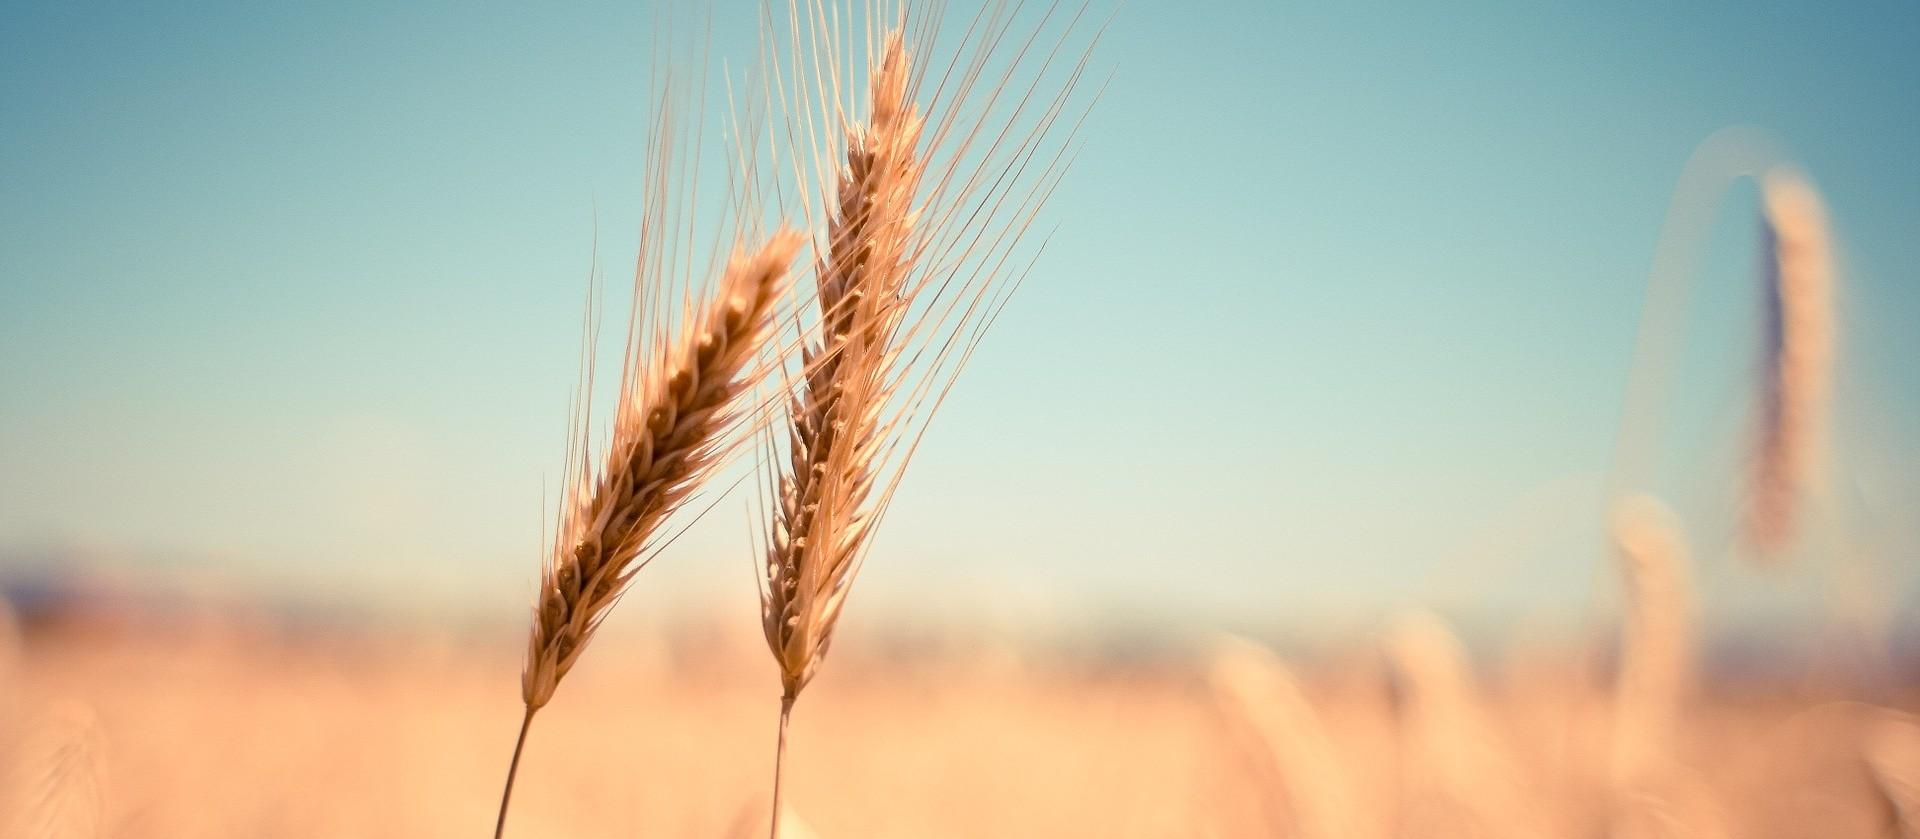 Deral estima produção de trigo do Paraná em 3,6 milhões de toneladas